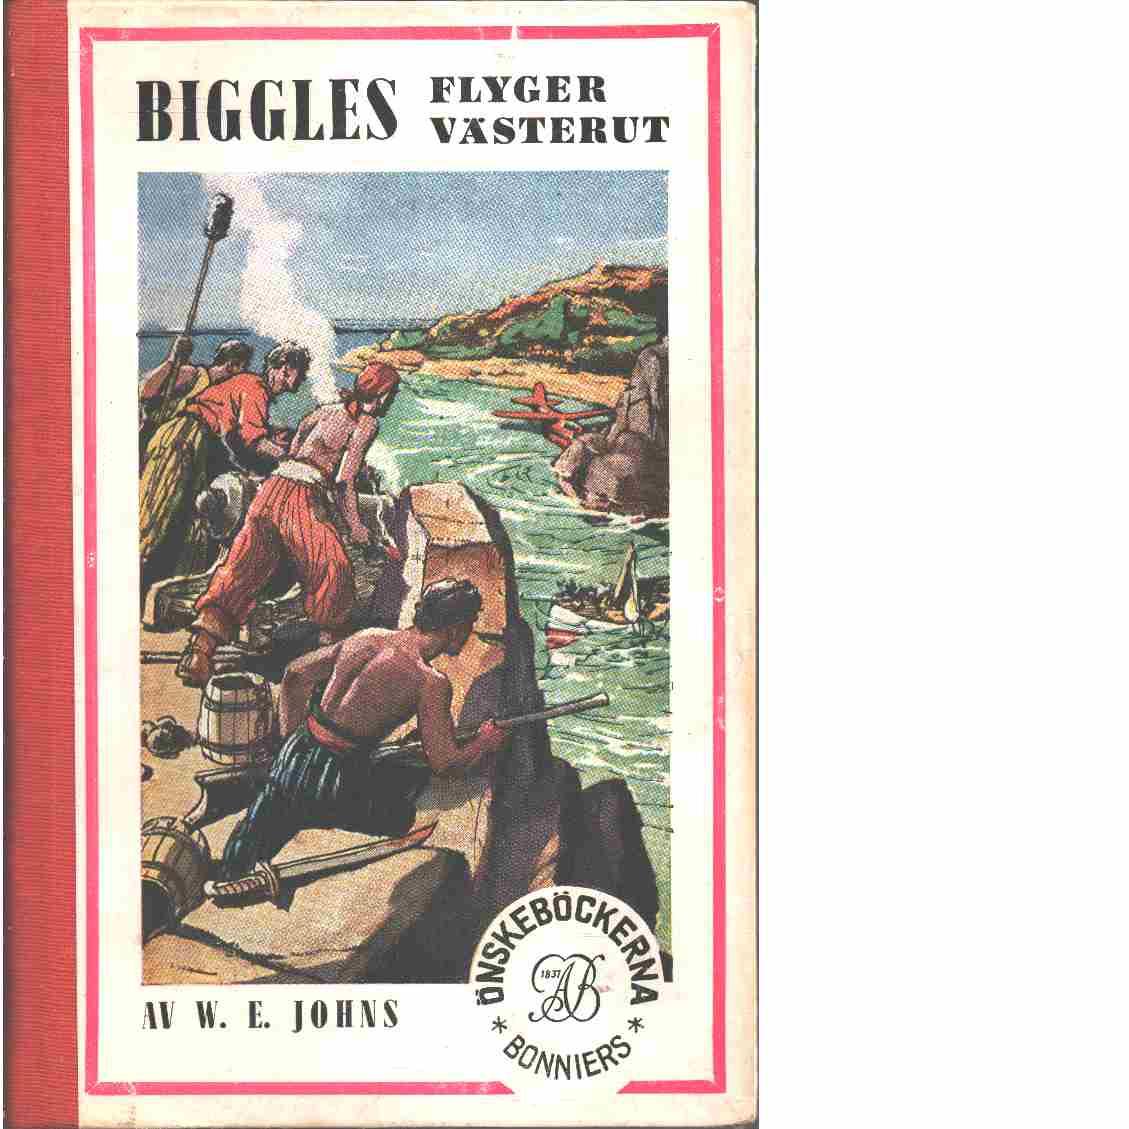 Biggles flyger västerut - Johns, William Earl